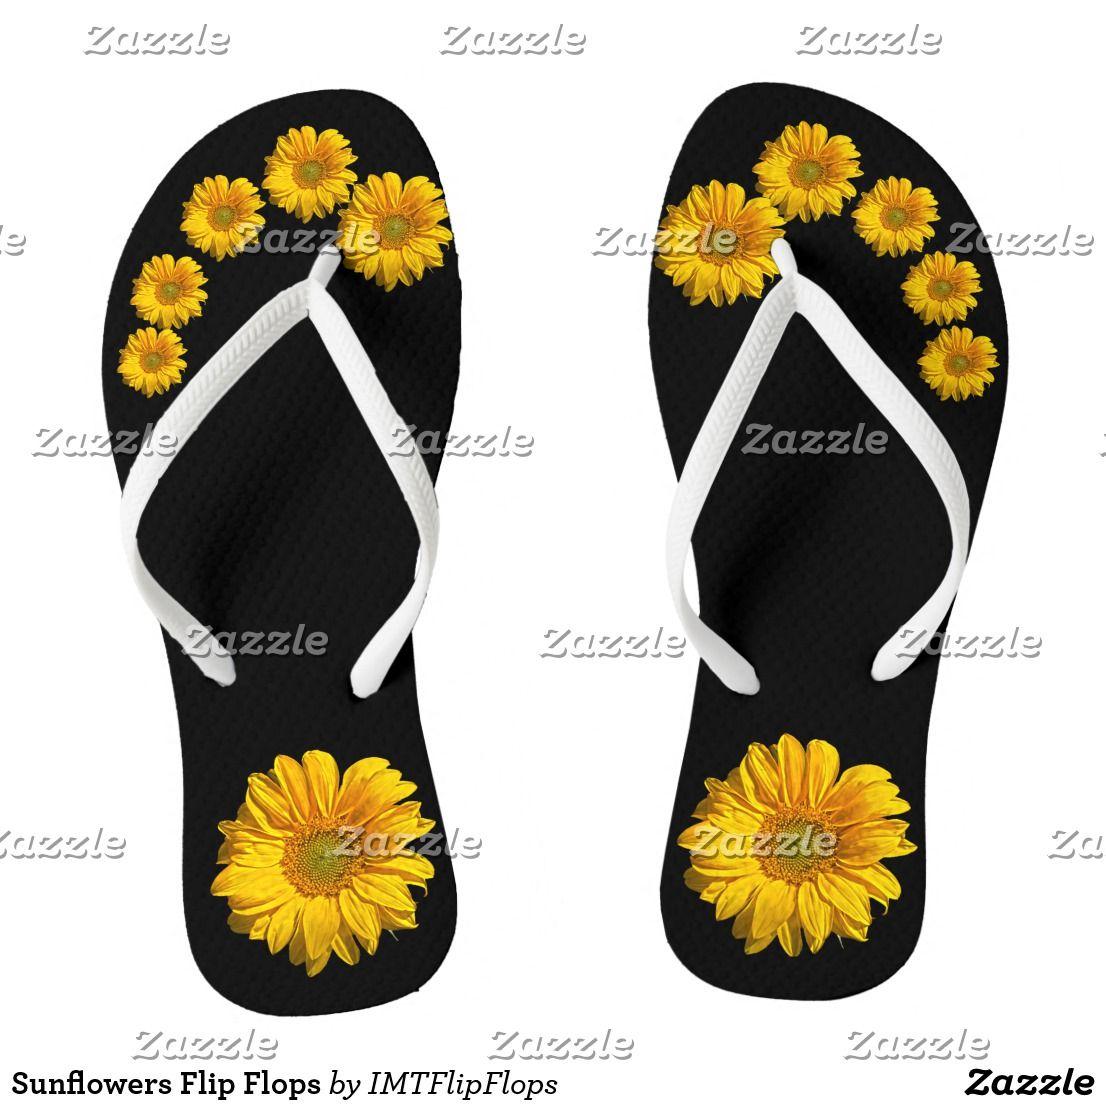 46e8c1ed2 Sunflowers Flip Flops